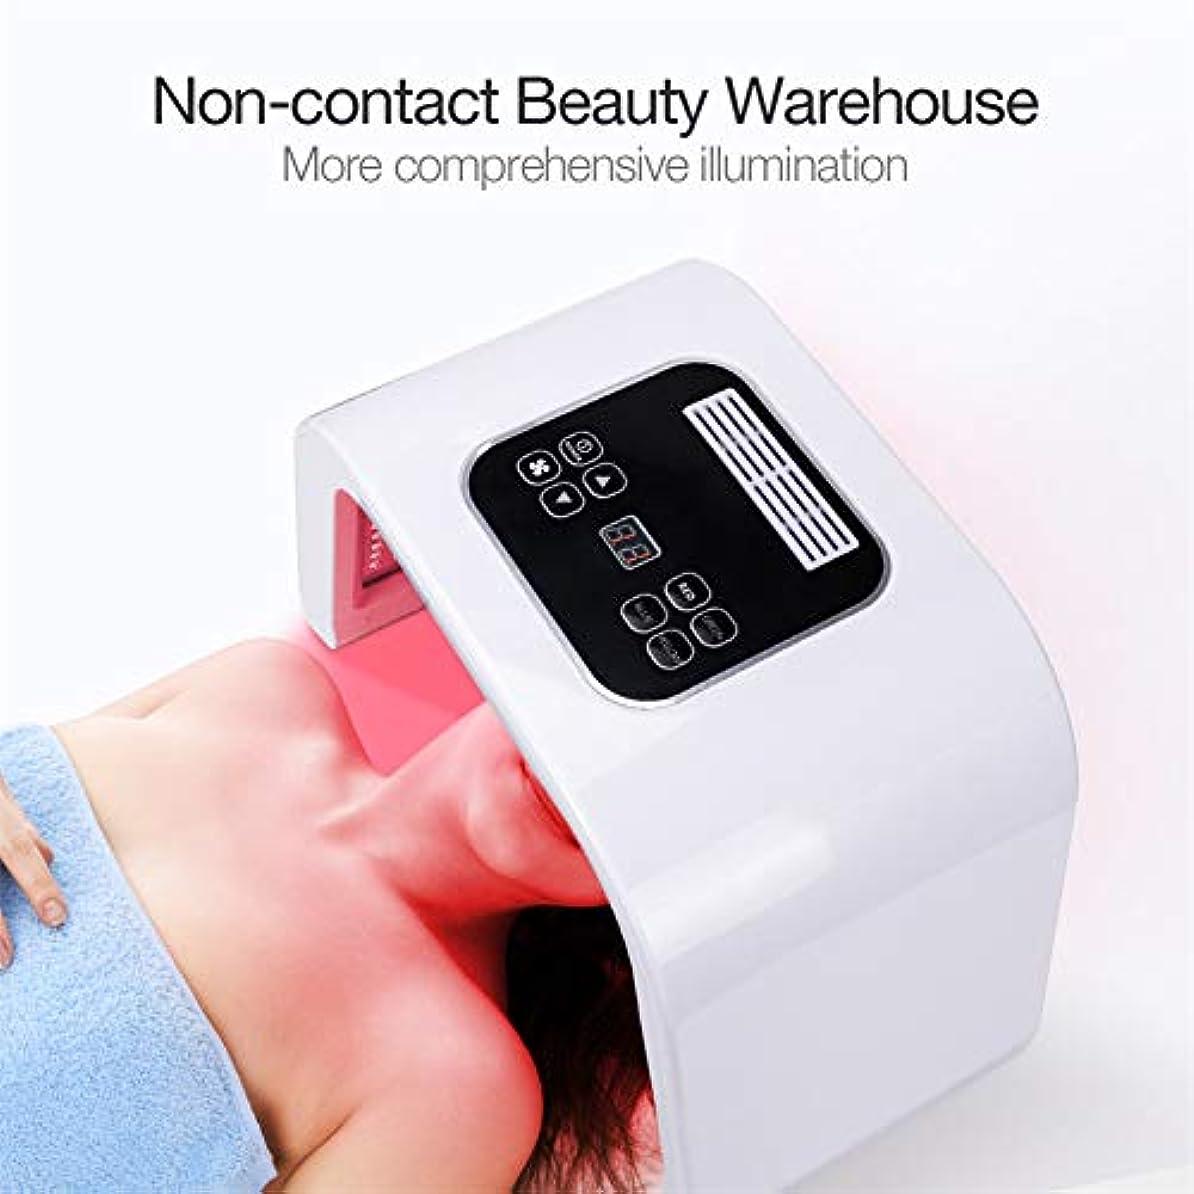 ダニ遵守する週末プロフェッショナル光子PDT LEDライトフェイシャルマスクマシン7色のにきび治療フェイスホワイトニング肌の若返りライトセラピー